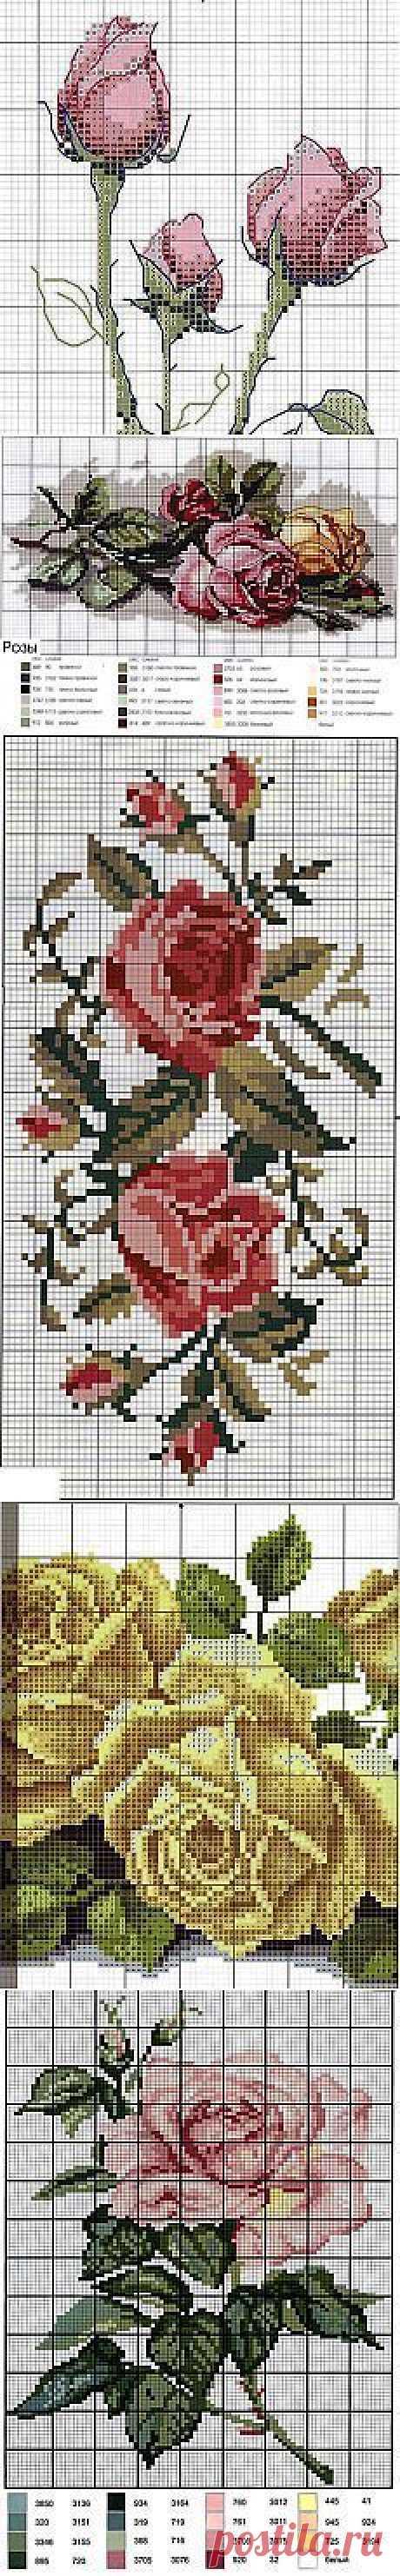 Схемы для вышивки крестиком бисером